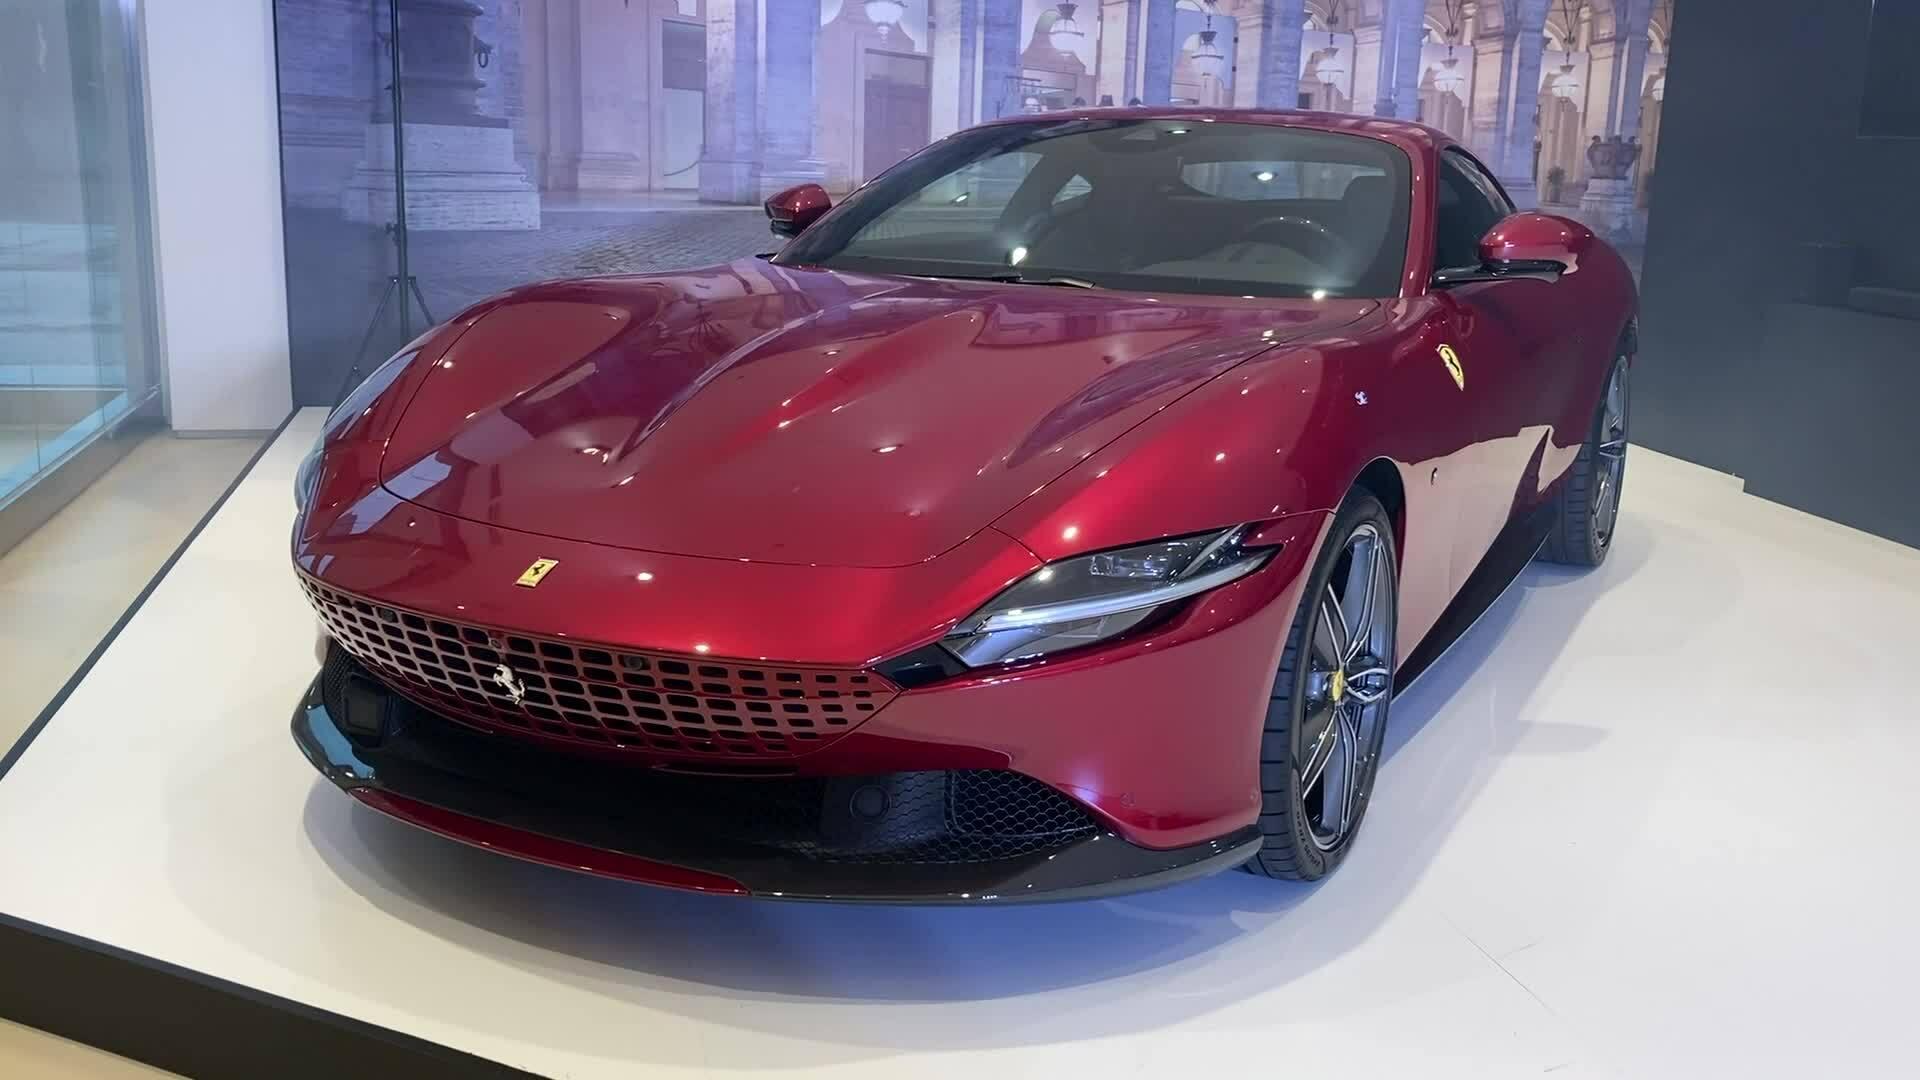 Ferrari Roma - siêu xe 4 chỗ giá gần 21 tỷ đồng